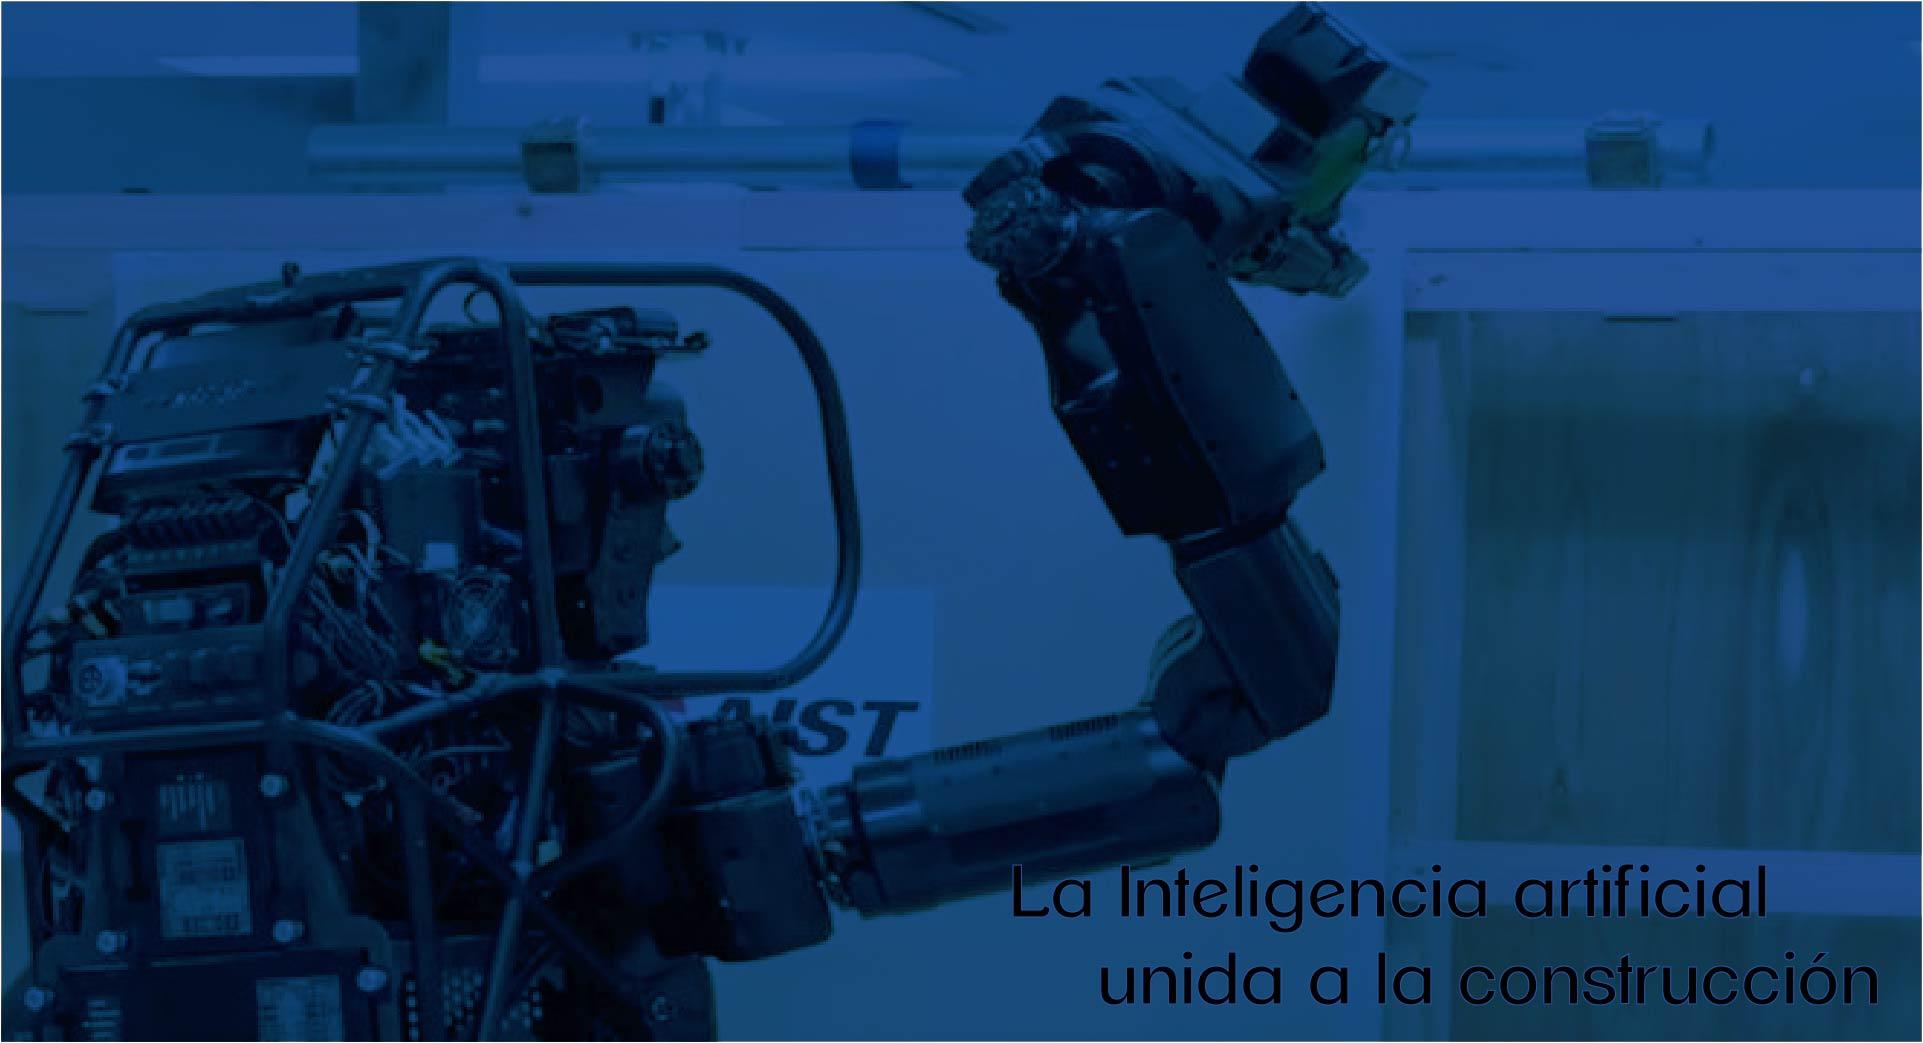 Inteligencia artificial unida a la construcción: El robot humanoide que instala paneles de yeso por sí mismo